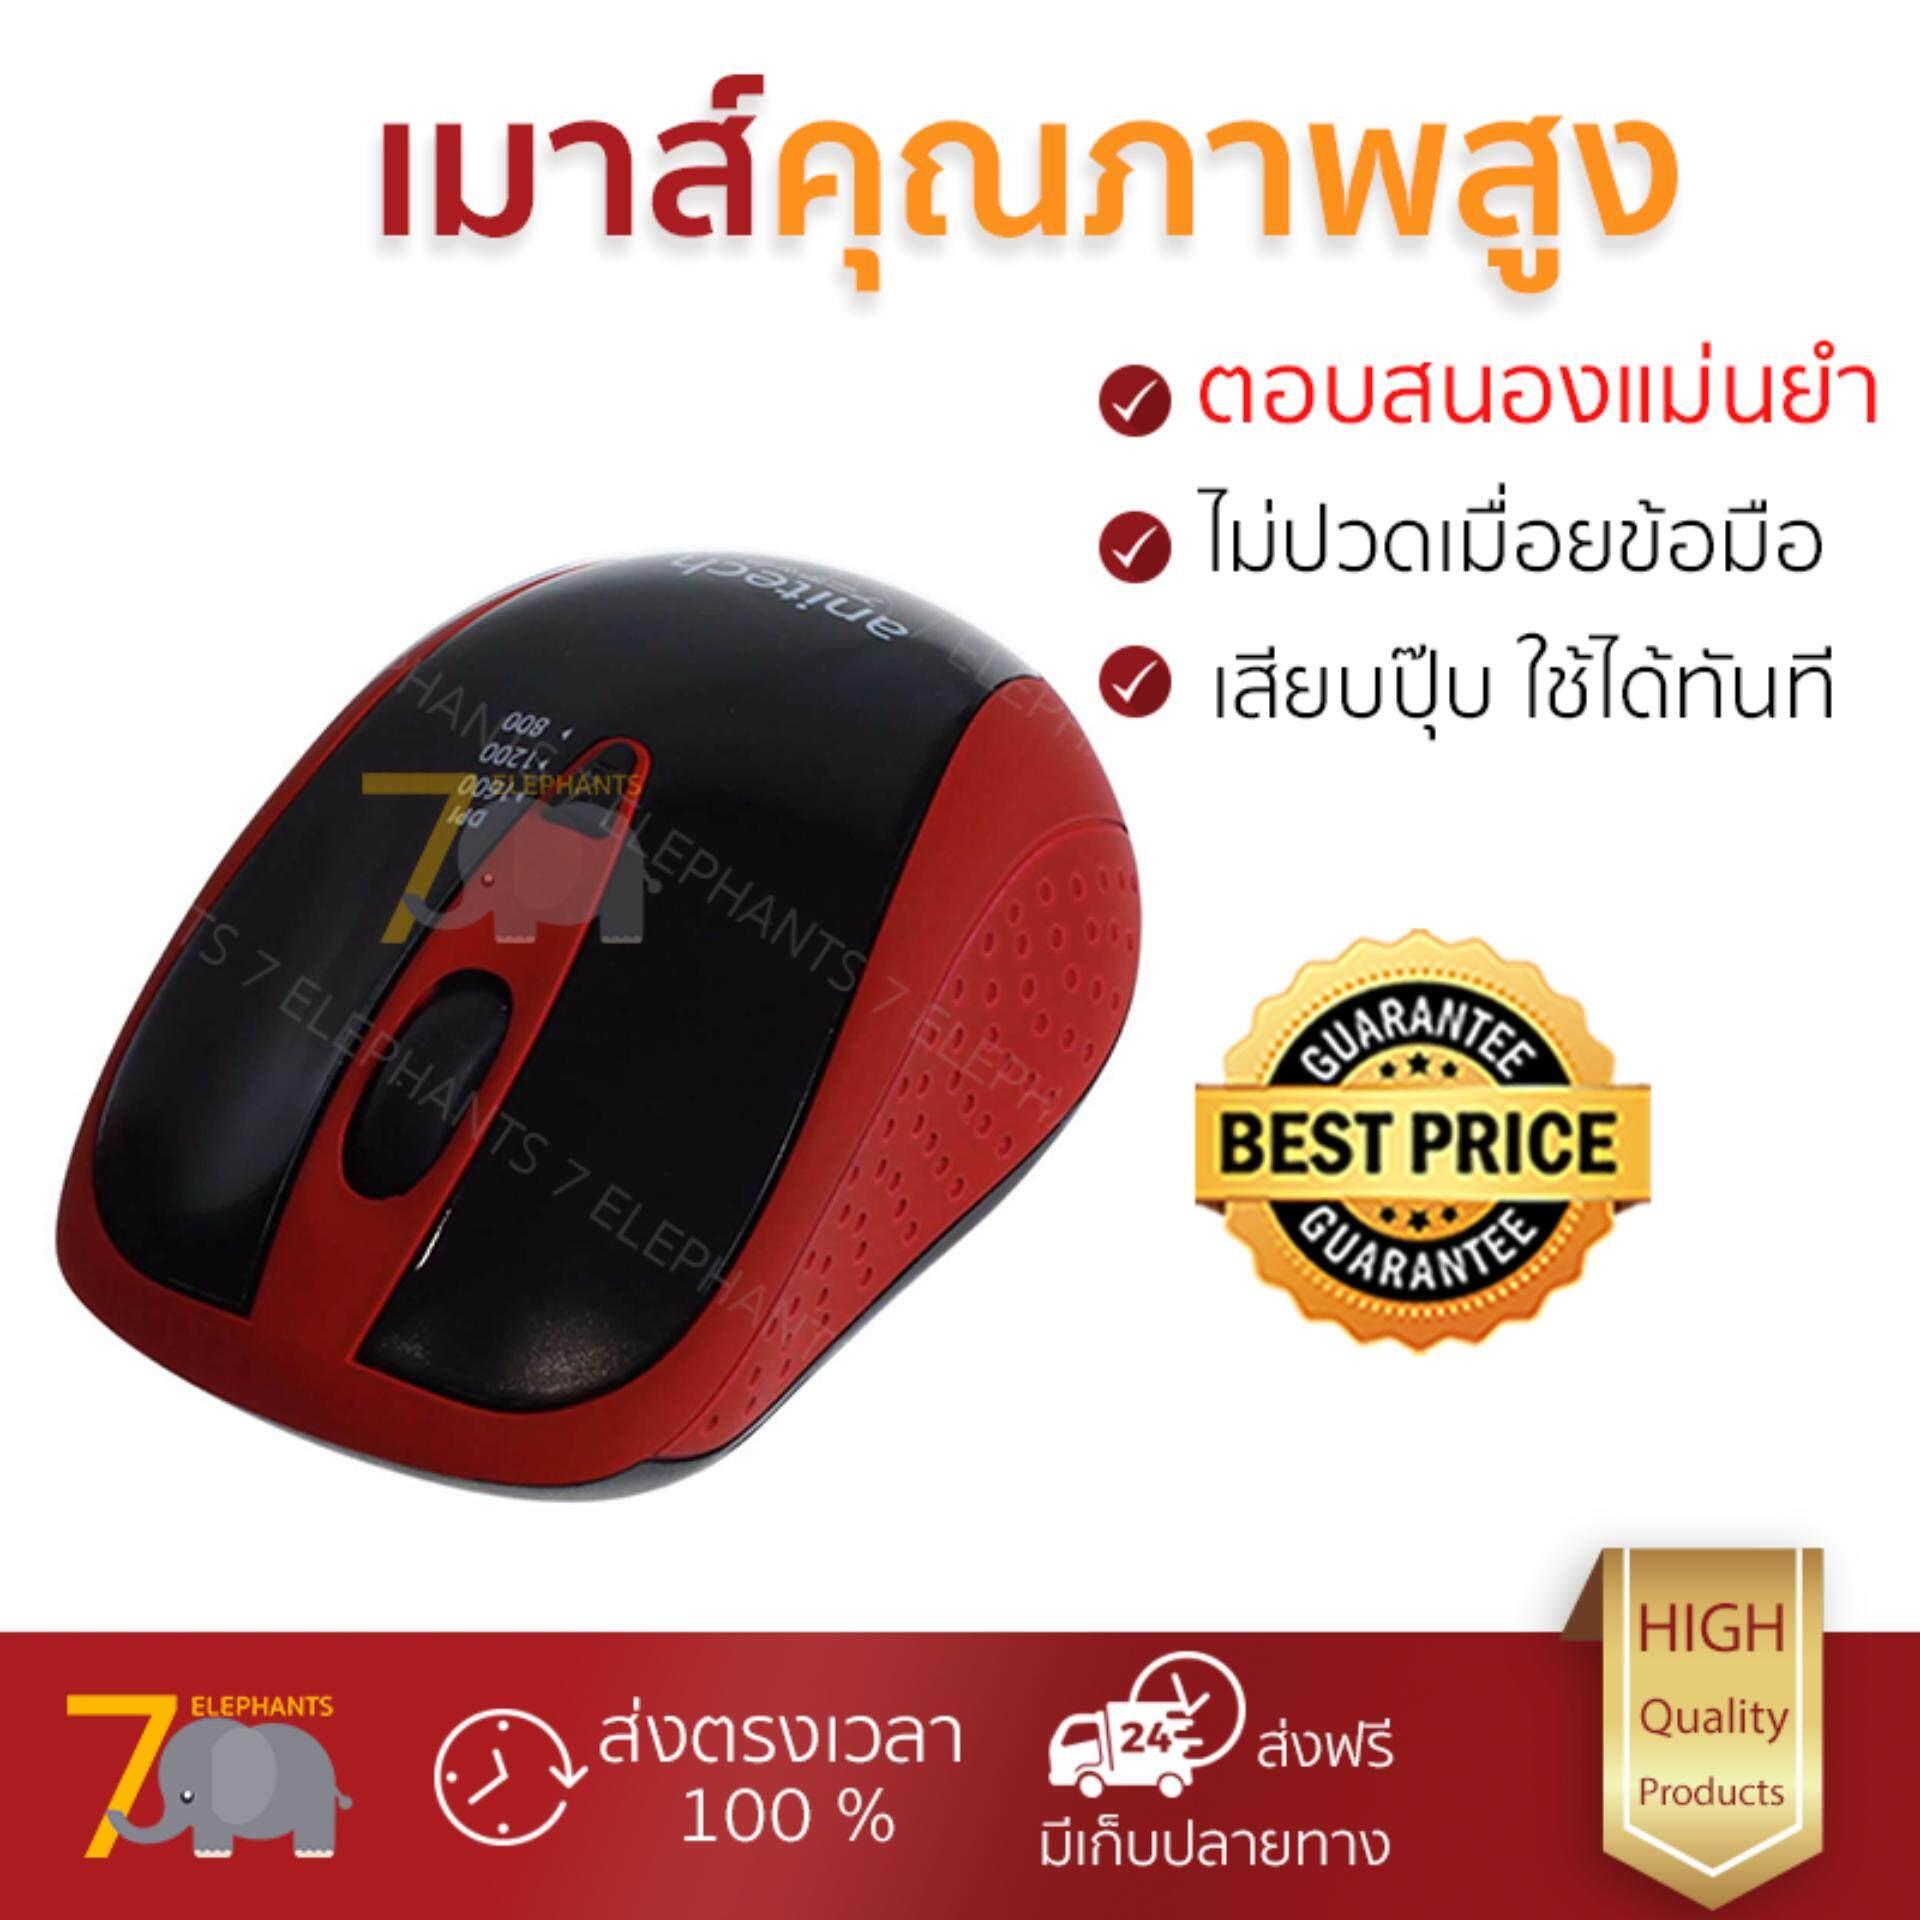 ขายดีมาก! รุ่นใหม่ล่าสุด เมาส์           ANITECH เมาส์ไร้สาย (สีแดง) รุ่น W214RD             เซนเซอร์คุณภาพสูง ทำงานได้ลื่นไหล ไม่มีสะดุด Computer Mouse  รับประกันสินค้า 1 ปี จัดส่งฟรี Kerry ทั่วประเท